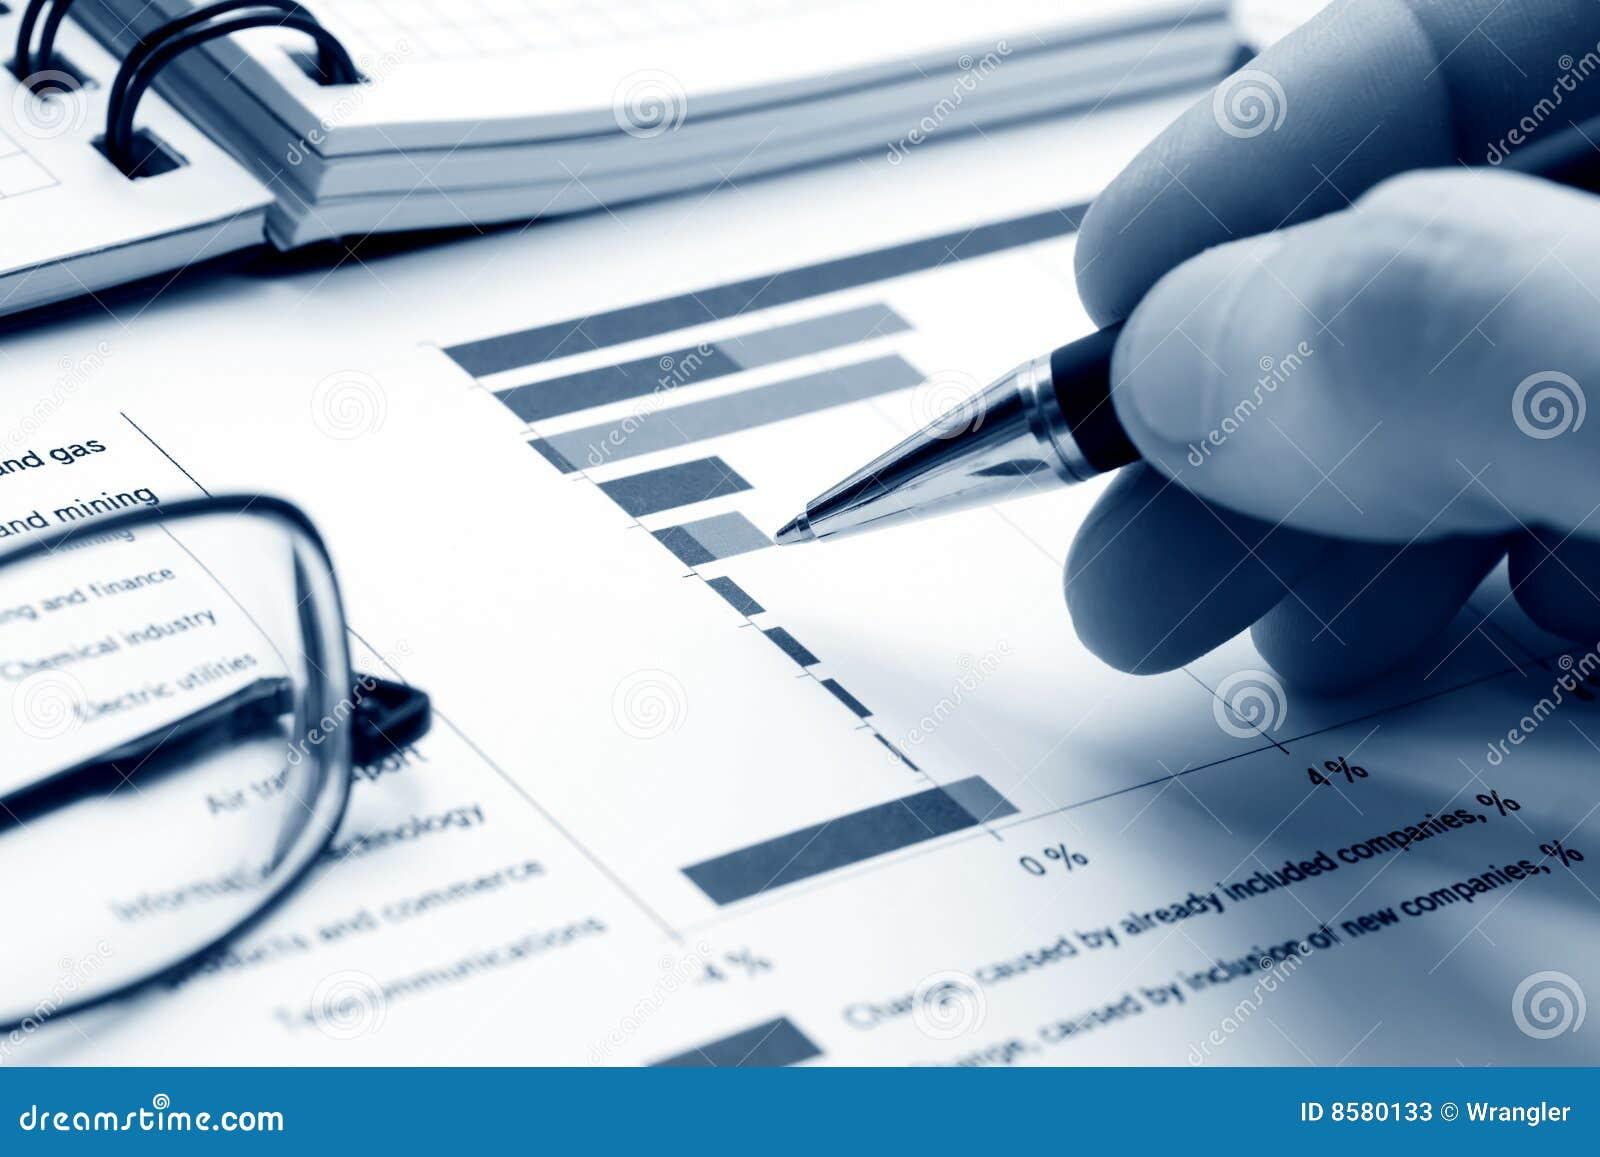 make+money+insurance+agent